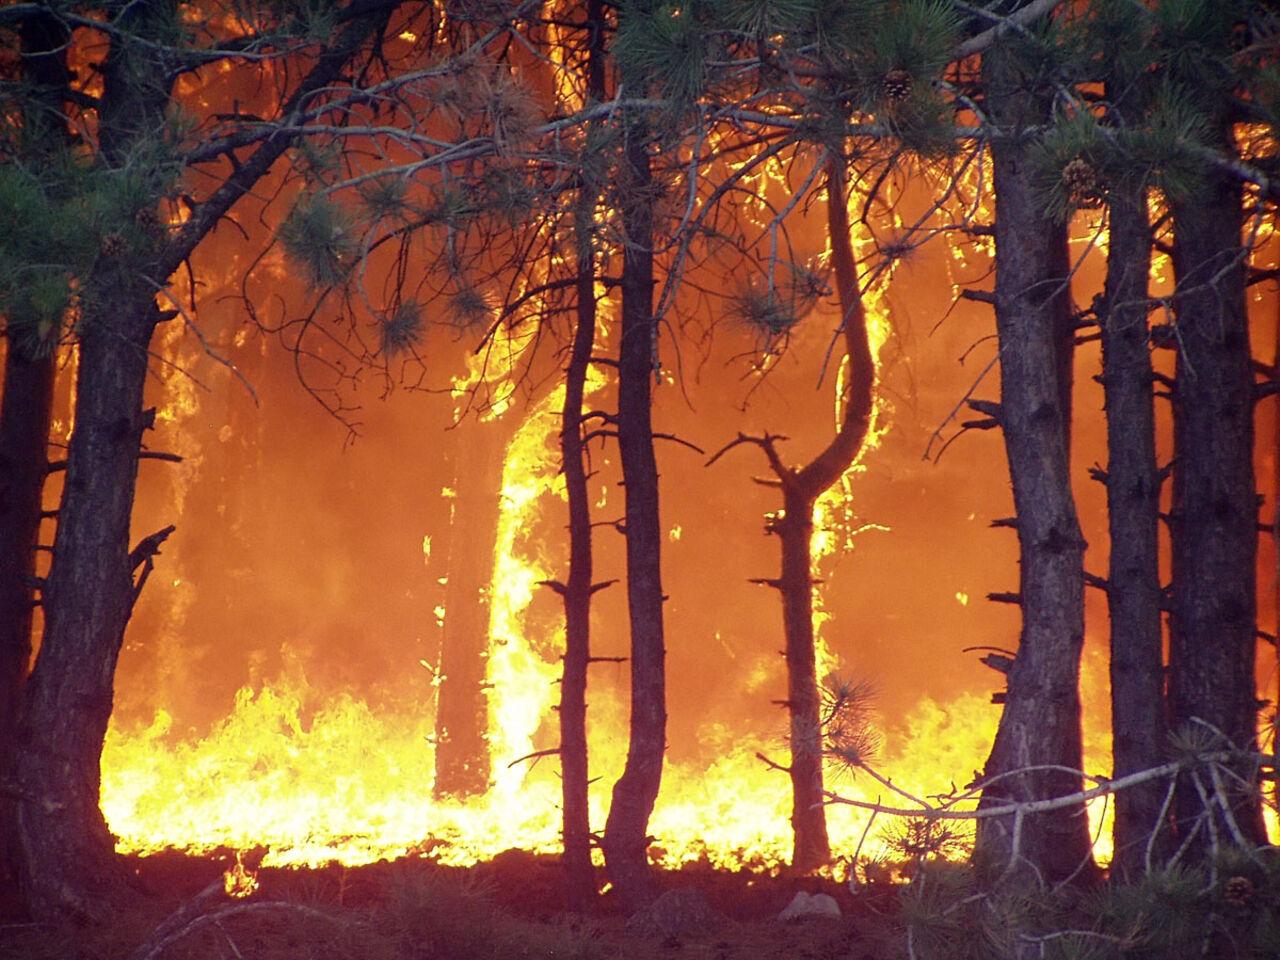 Предпосылкой запаха гари вНовосибирске стали томские пожары